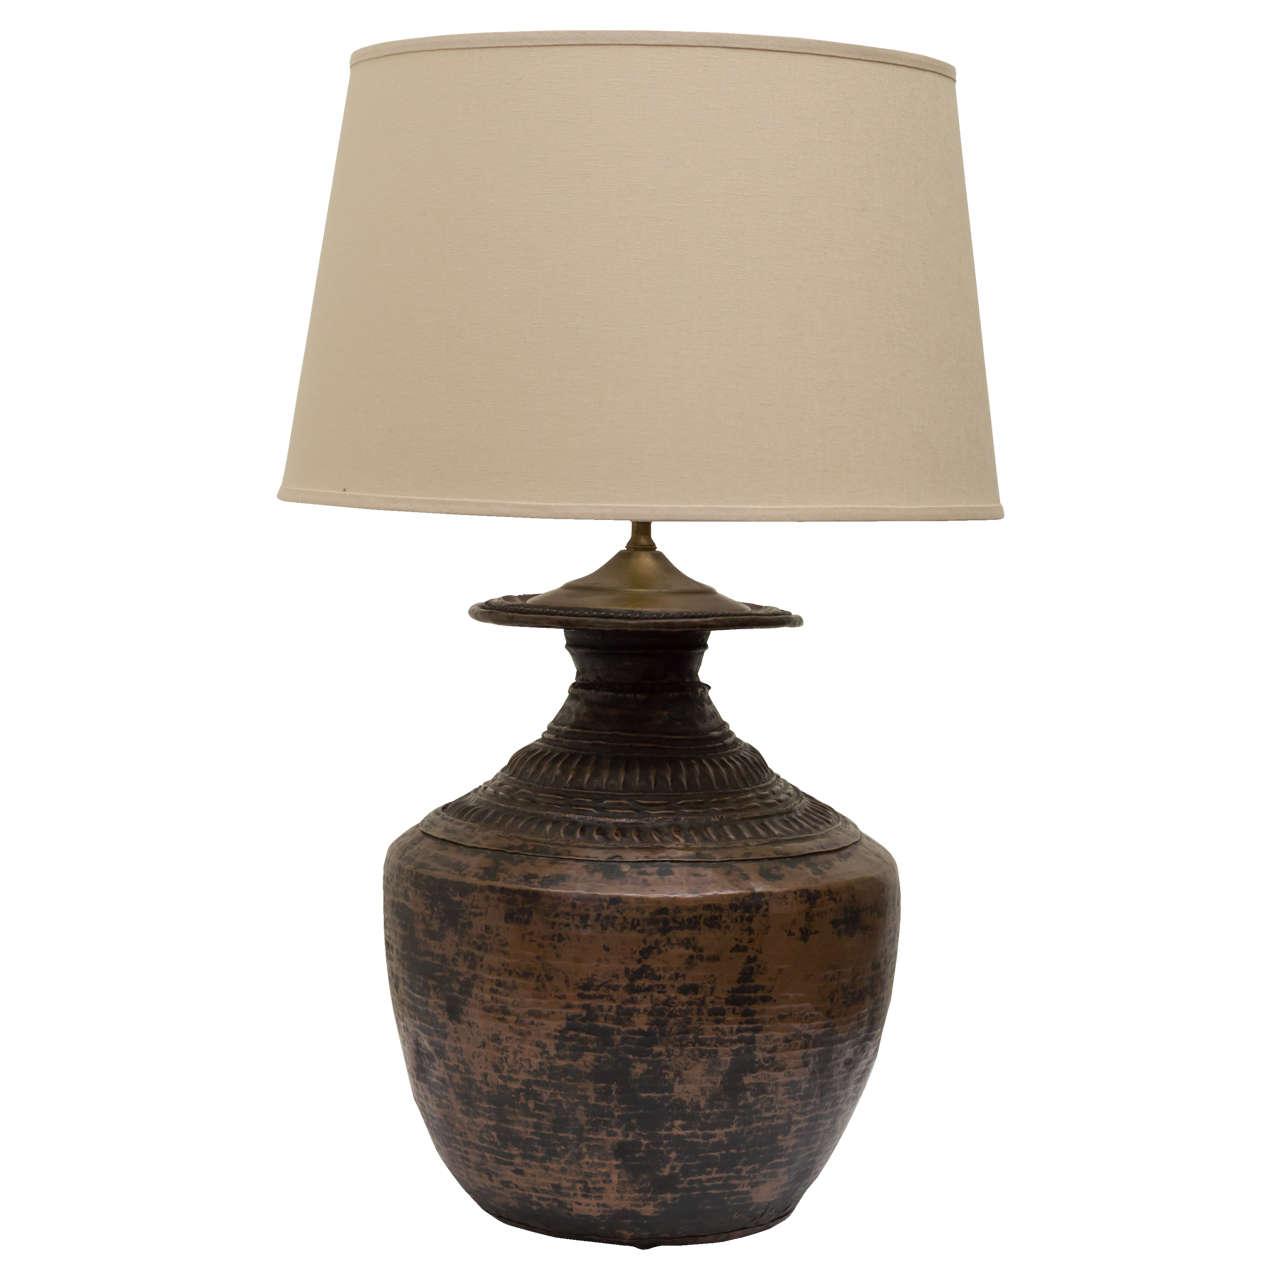 19th c primitive indian hammered copper water vessel lamp at 1stdibs. Black Bedroom Furniture Sets. Home Design Ideas